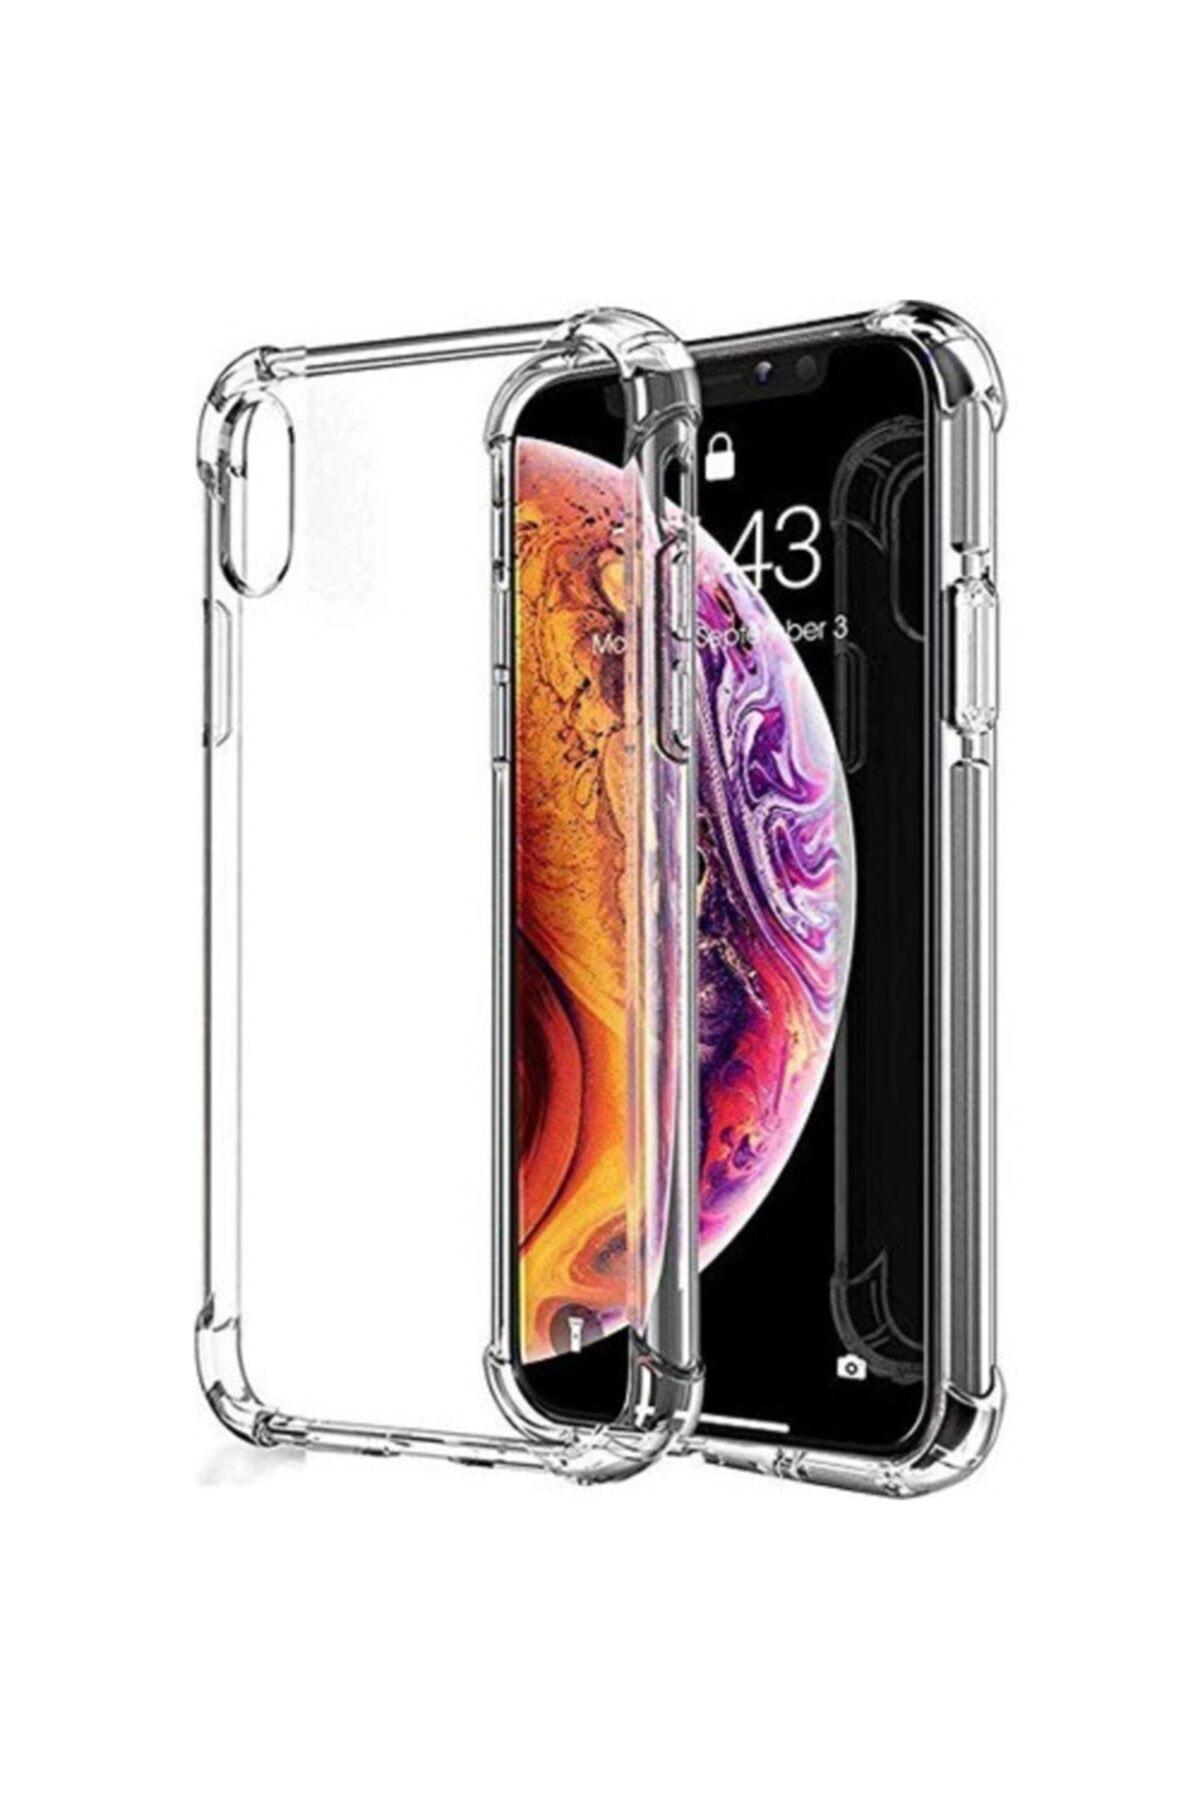 Iphone X/xs Uyumlu Kılıf Antishock Köşe Korumalı Darbe Emici Şeffaf Sert Silikon